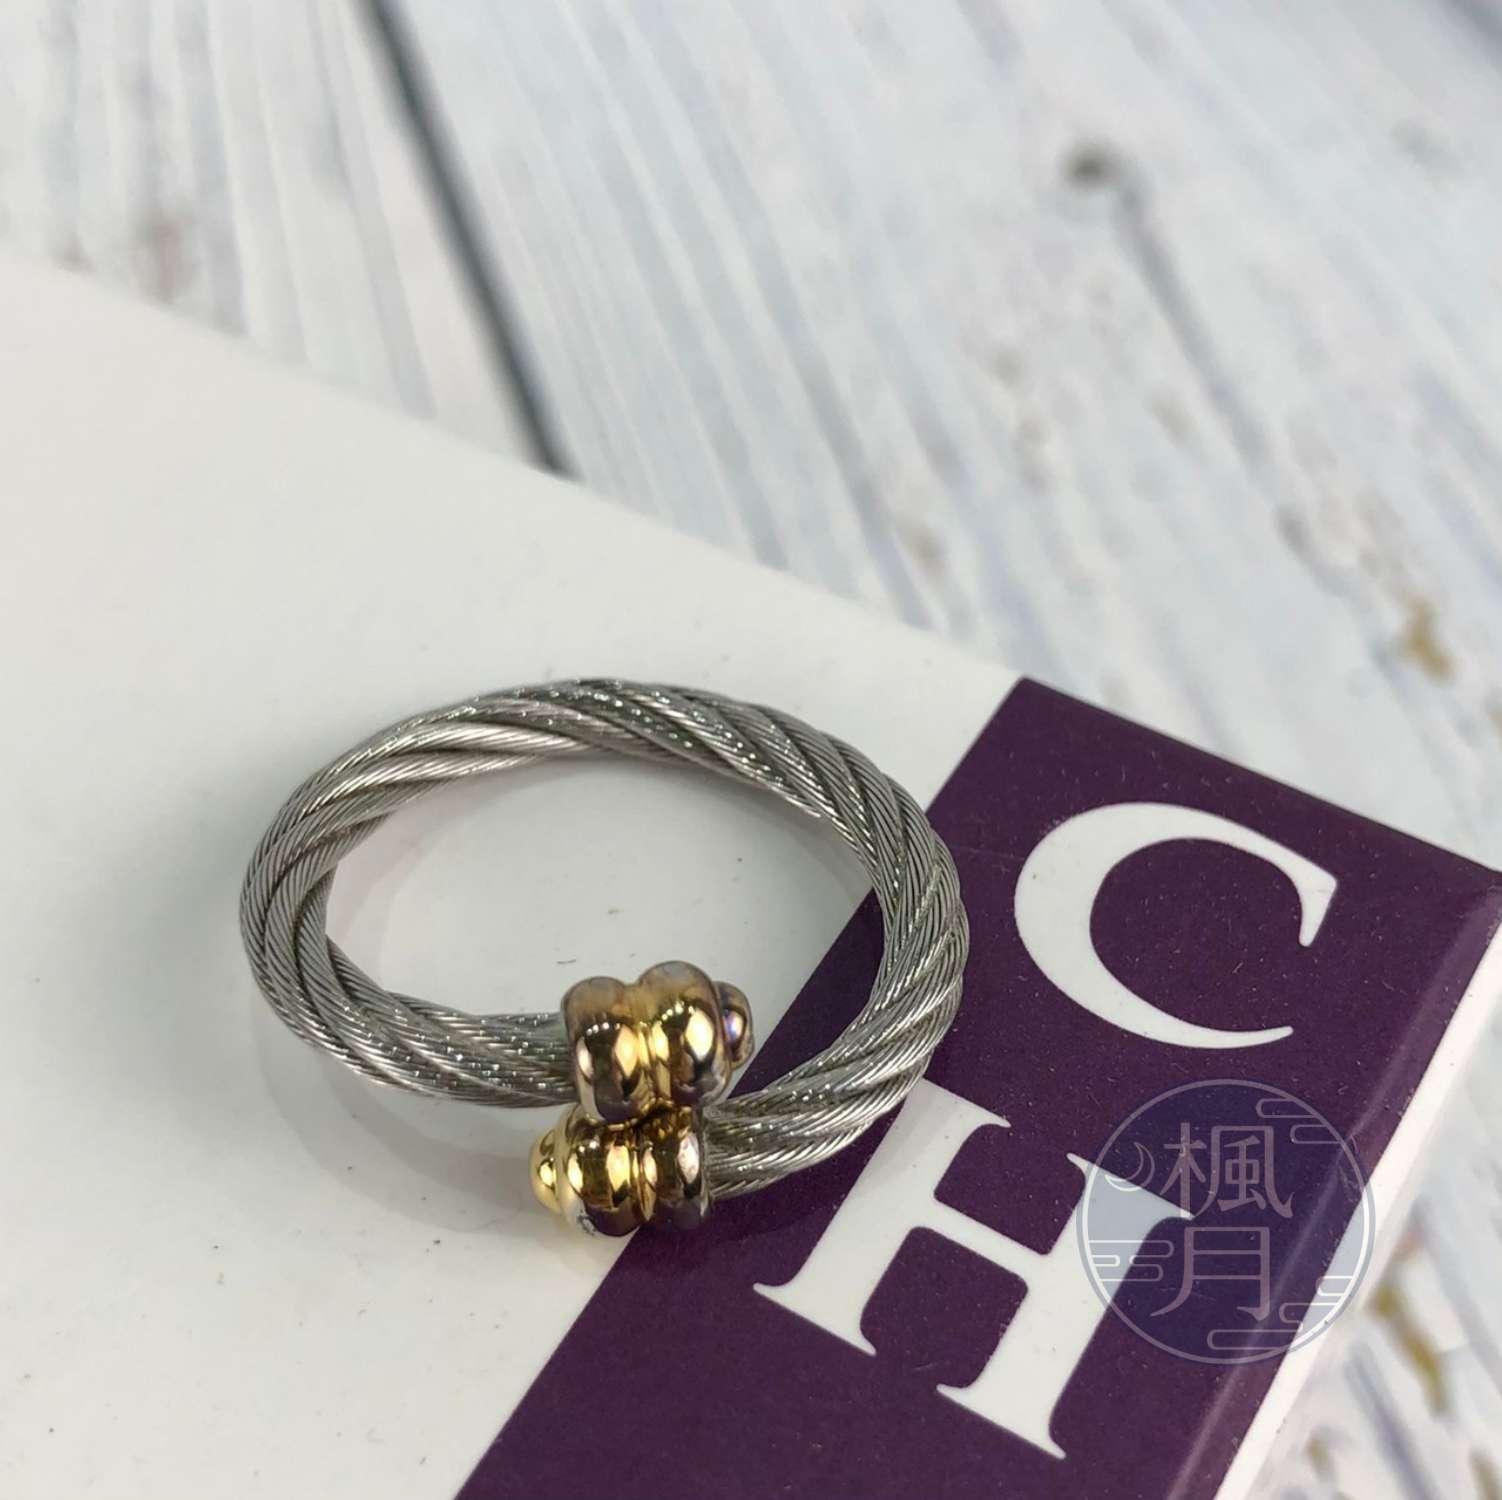 BRAND楓月 CHARRIOL 夏利豪 鋼索戒指 造型戒 彈性 配飾 配件 飾品 飾物 小物 個性 穿搭 不鏽鋼材質